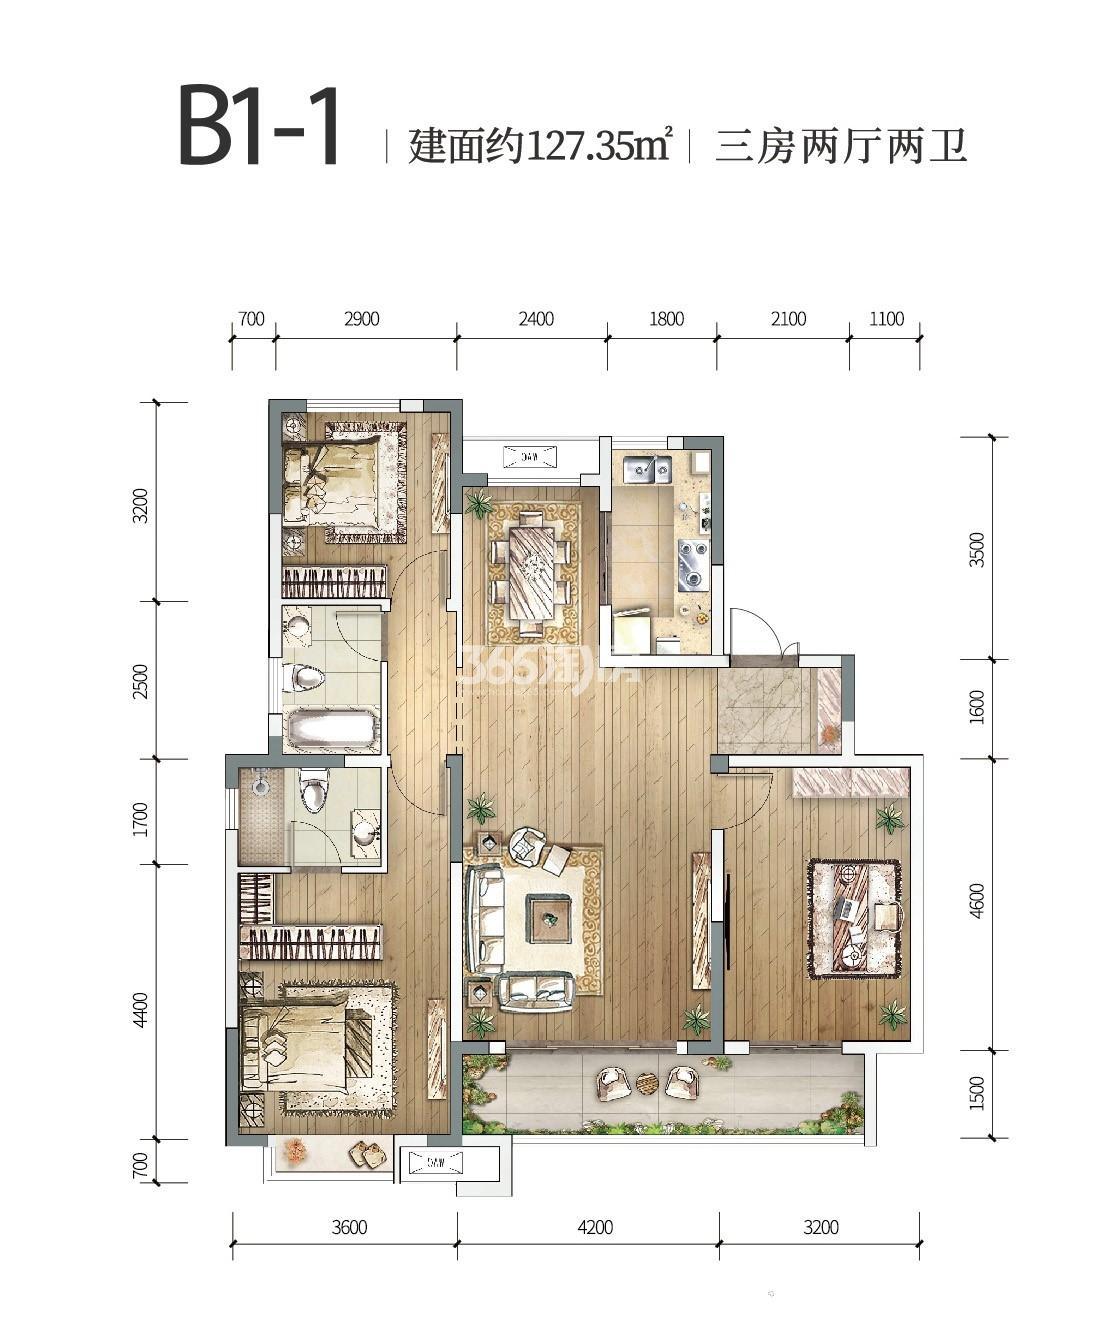 中铁燕南苑B1-1三室两厅 127.35㎡